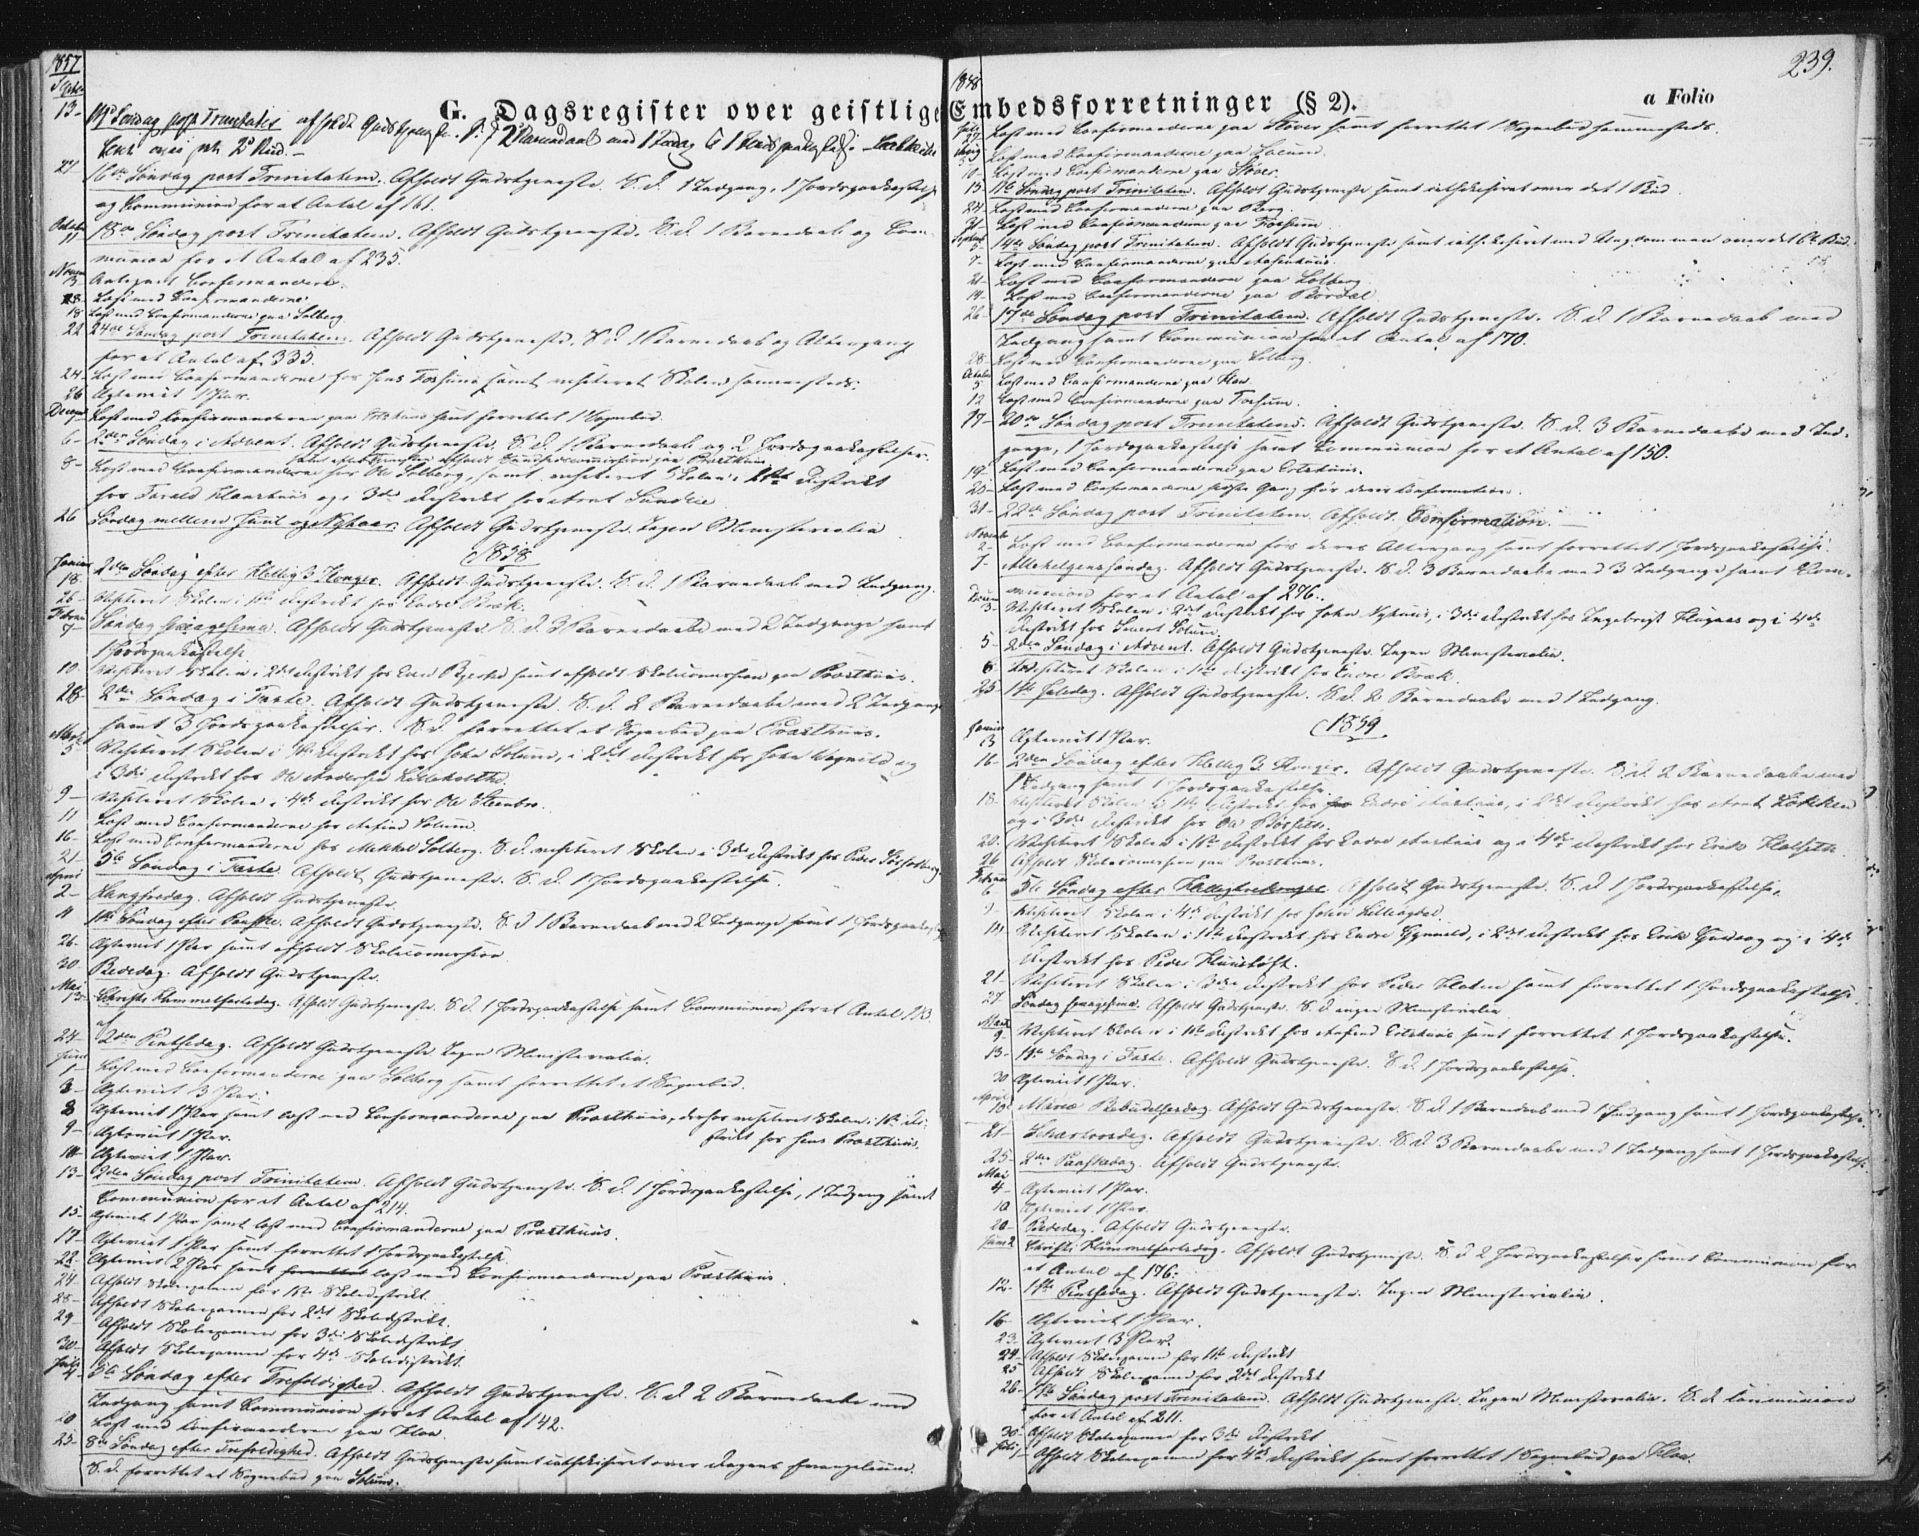 SAT, Ministerialprotokoller, klokkerbøker og fødselsregistre - Sør-Trøndelag, 689/L1038: Ministerialbok nr. 689A03, 1848-1872, s. 239